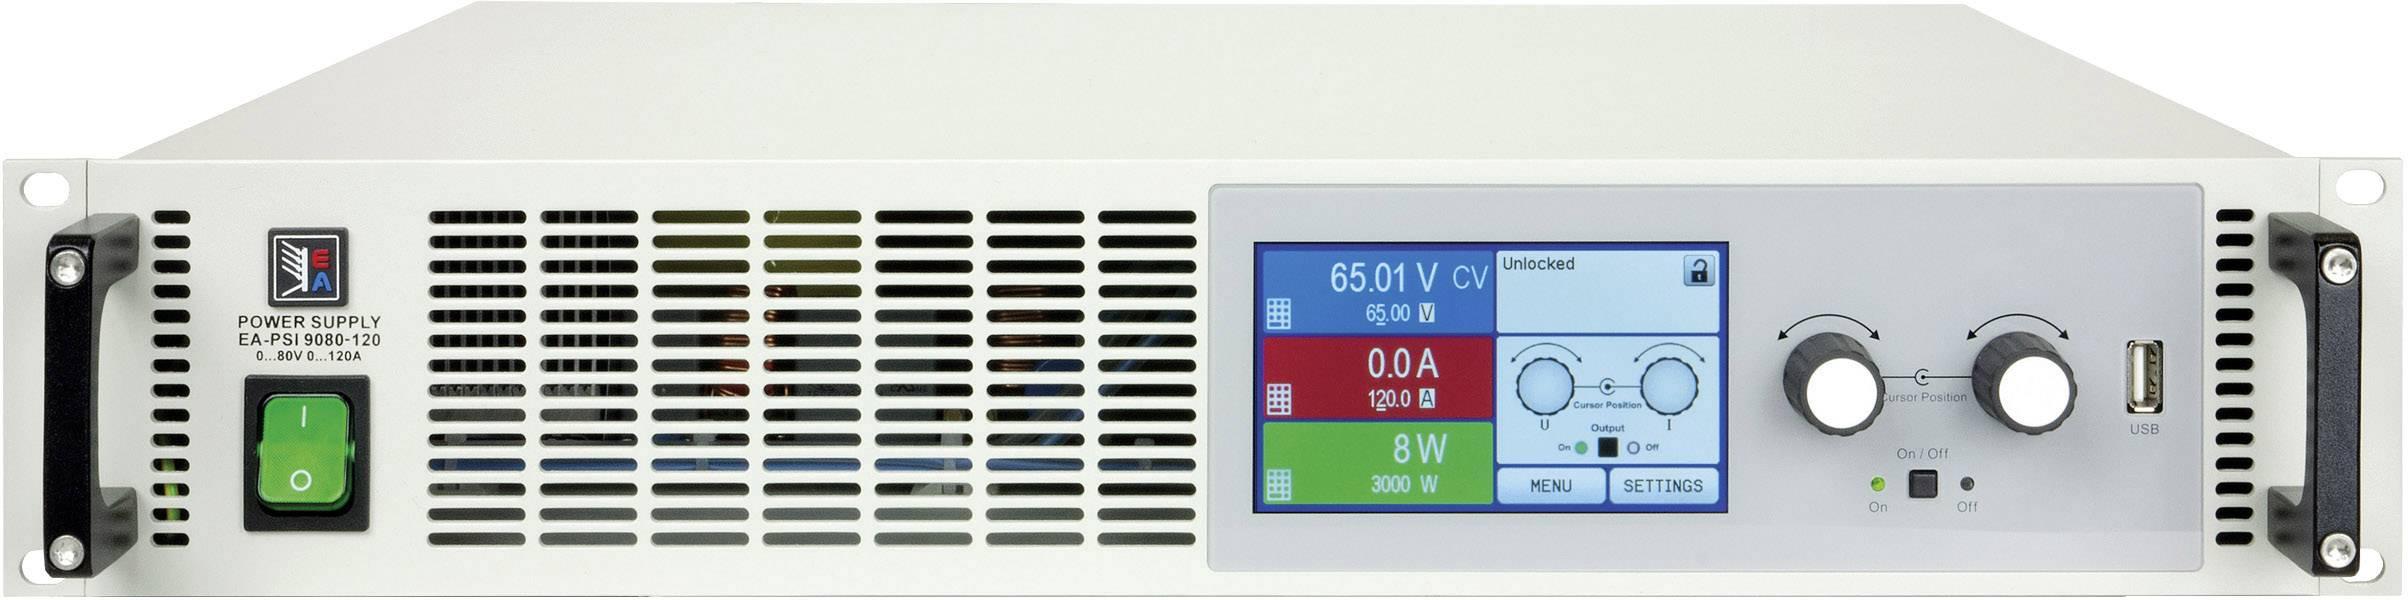 Programovateľný laboratórny zdroj EA EA-PSI 9200-15, 2U, 200 V, 15 A, 1000 W, USB